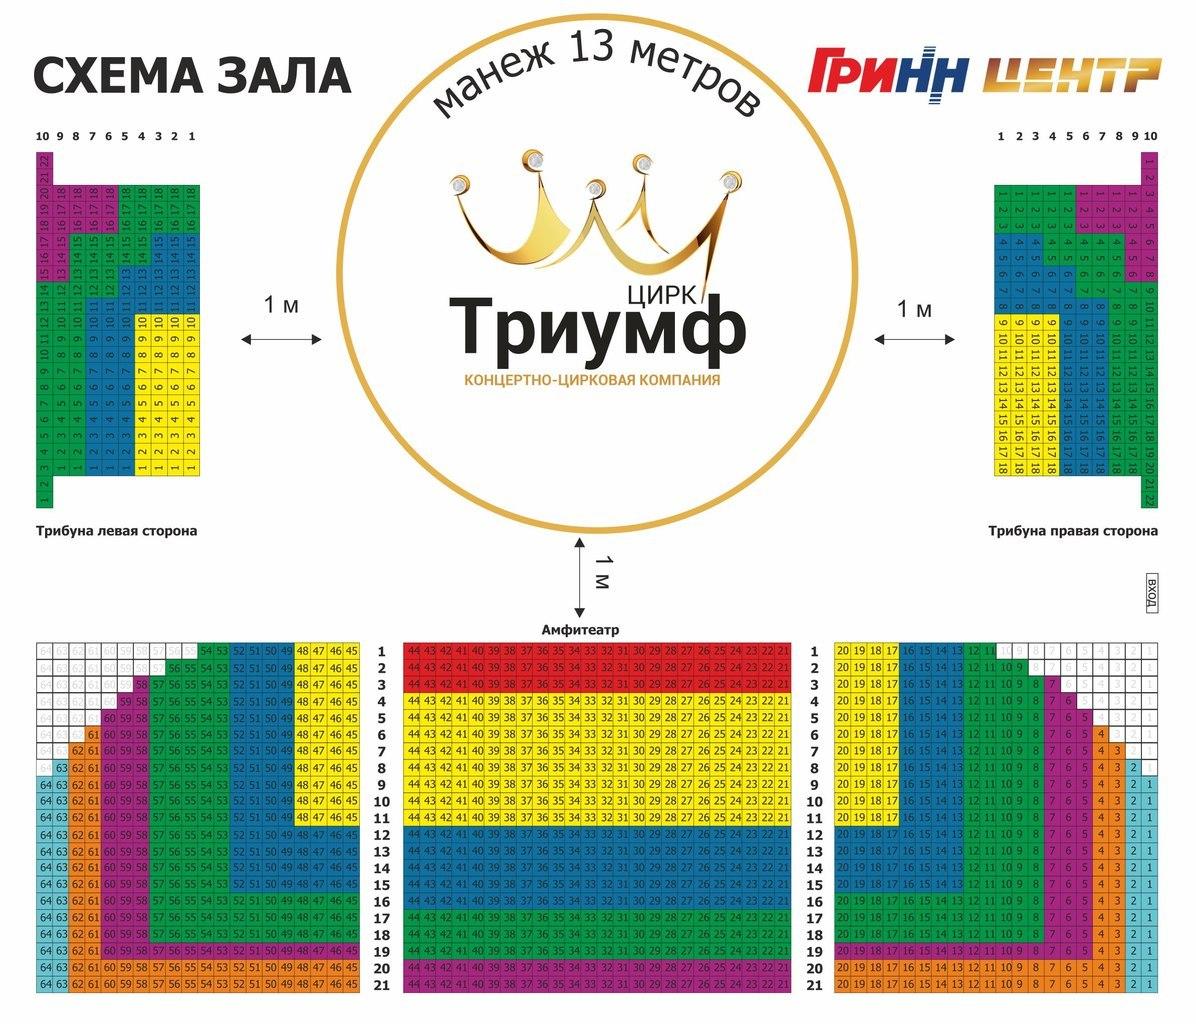 Октябрьский дворец схема зала